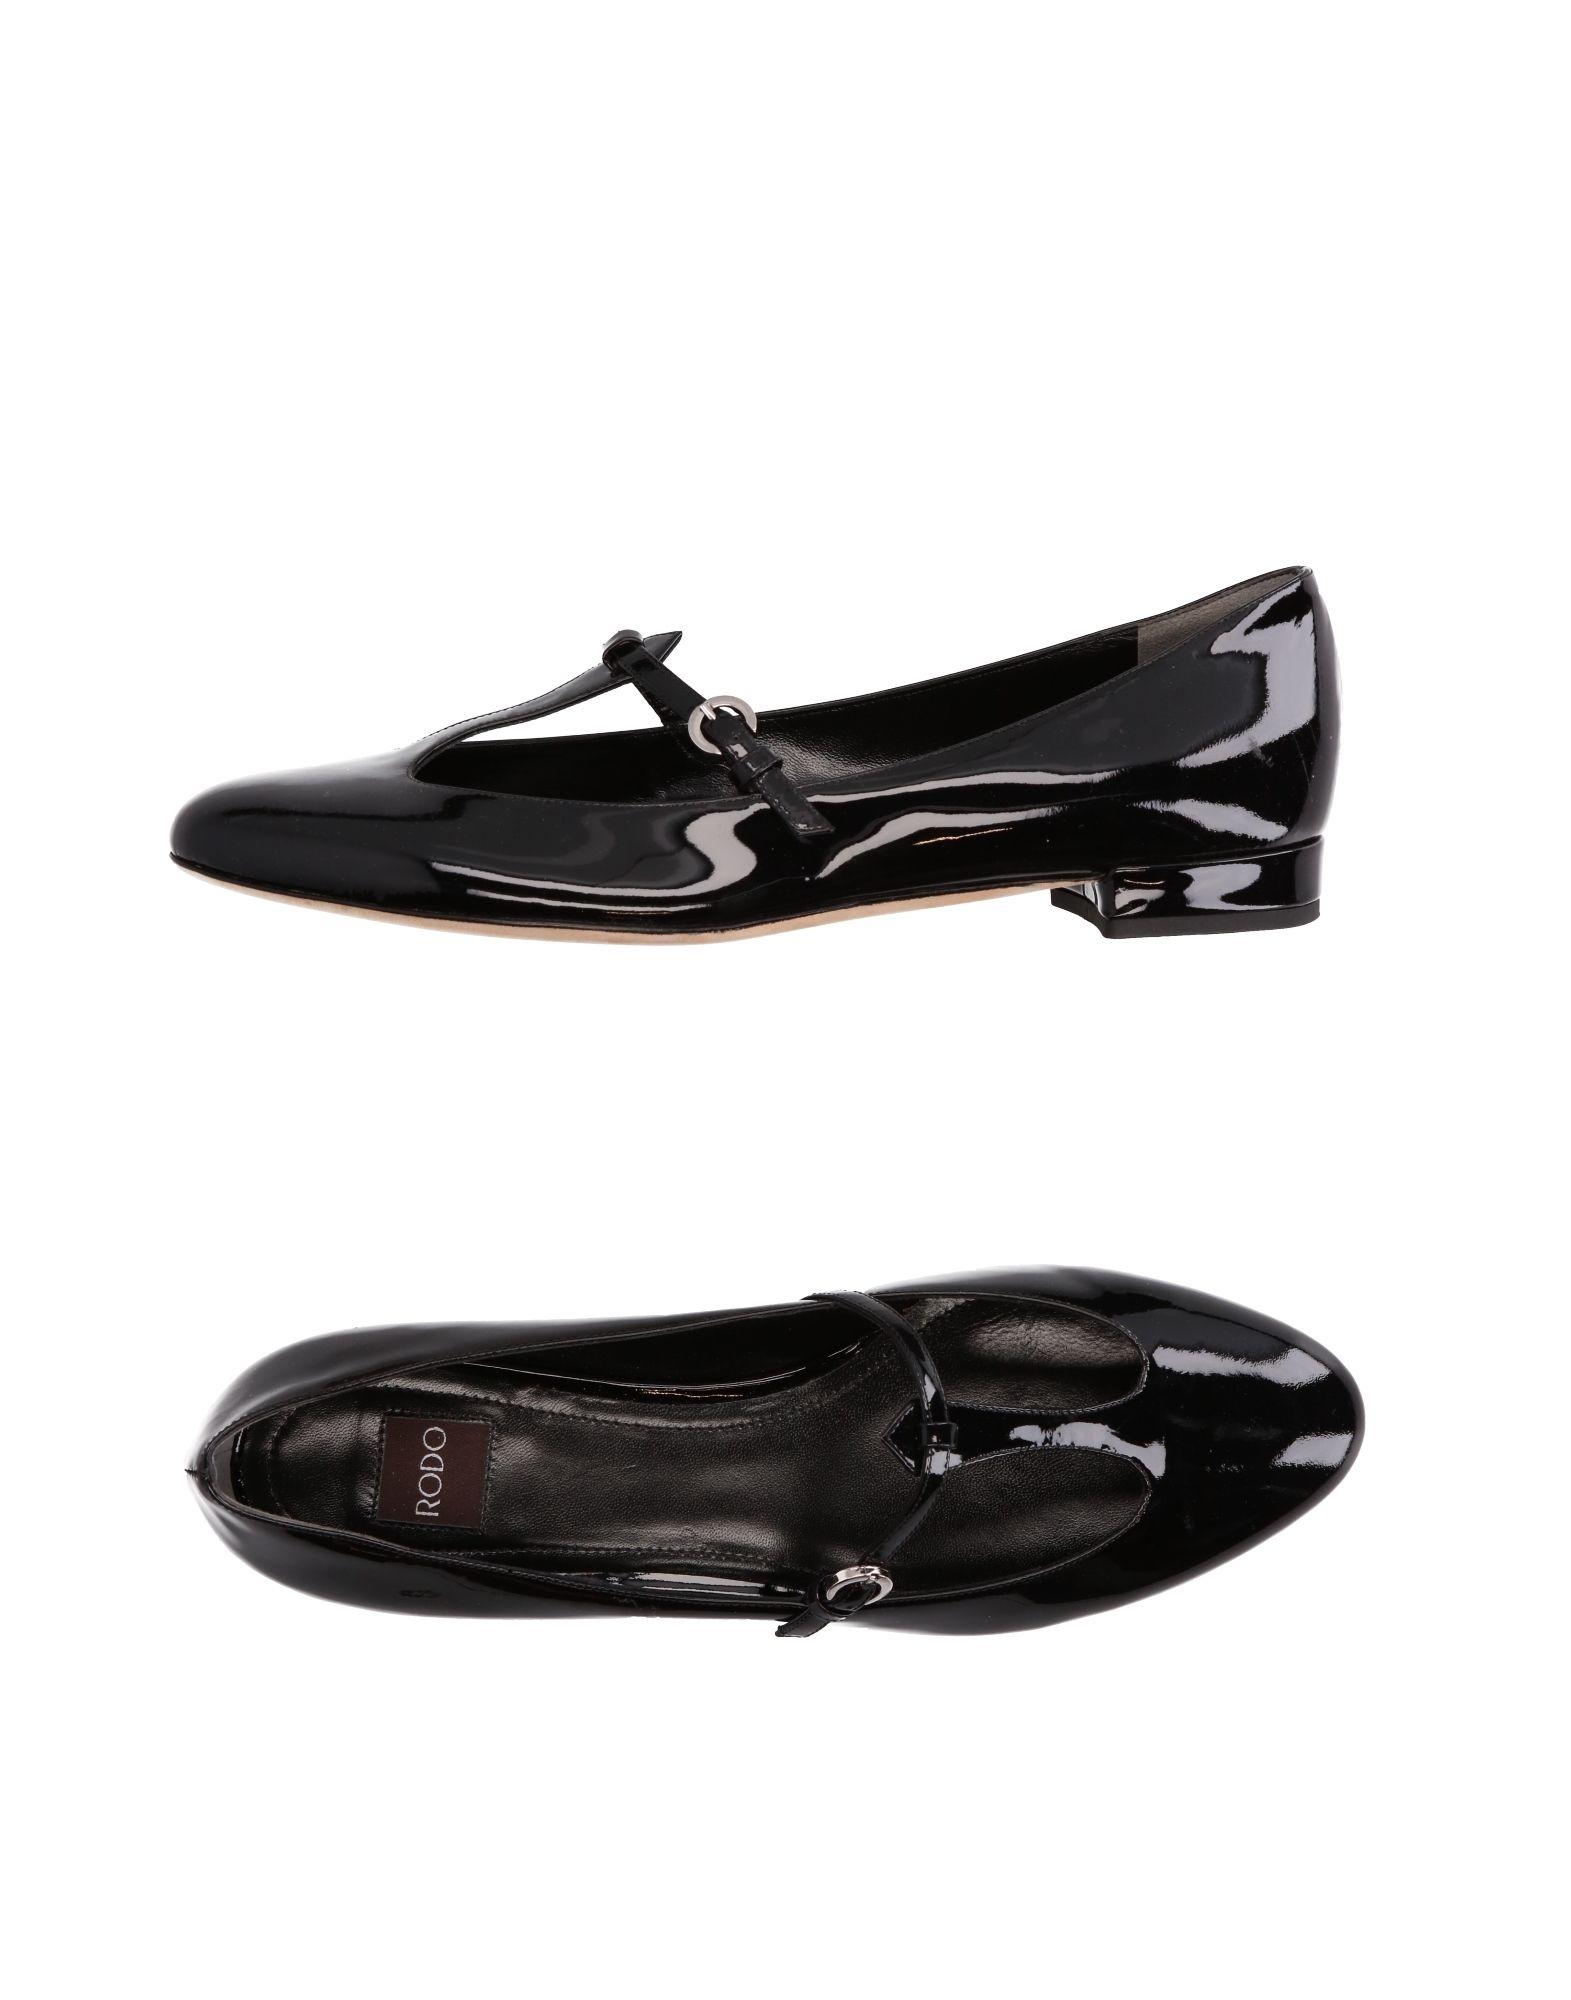 Rodo Ballerinas Damen  11255237OJGut aussehende strapazierfähige Schuhe